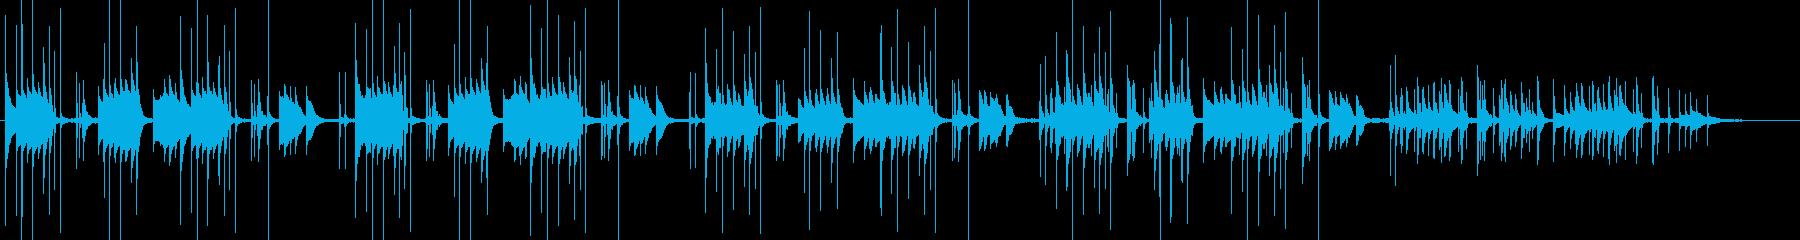 波音でリラックス、南の島、ビブラフォンの再生済みの波形